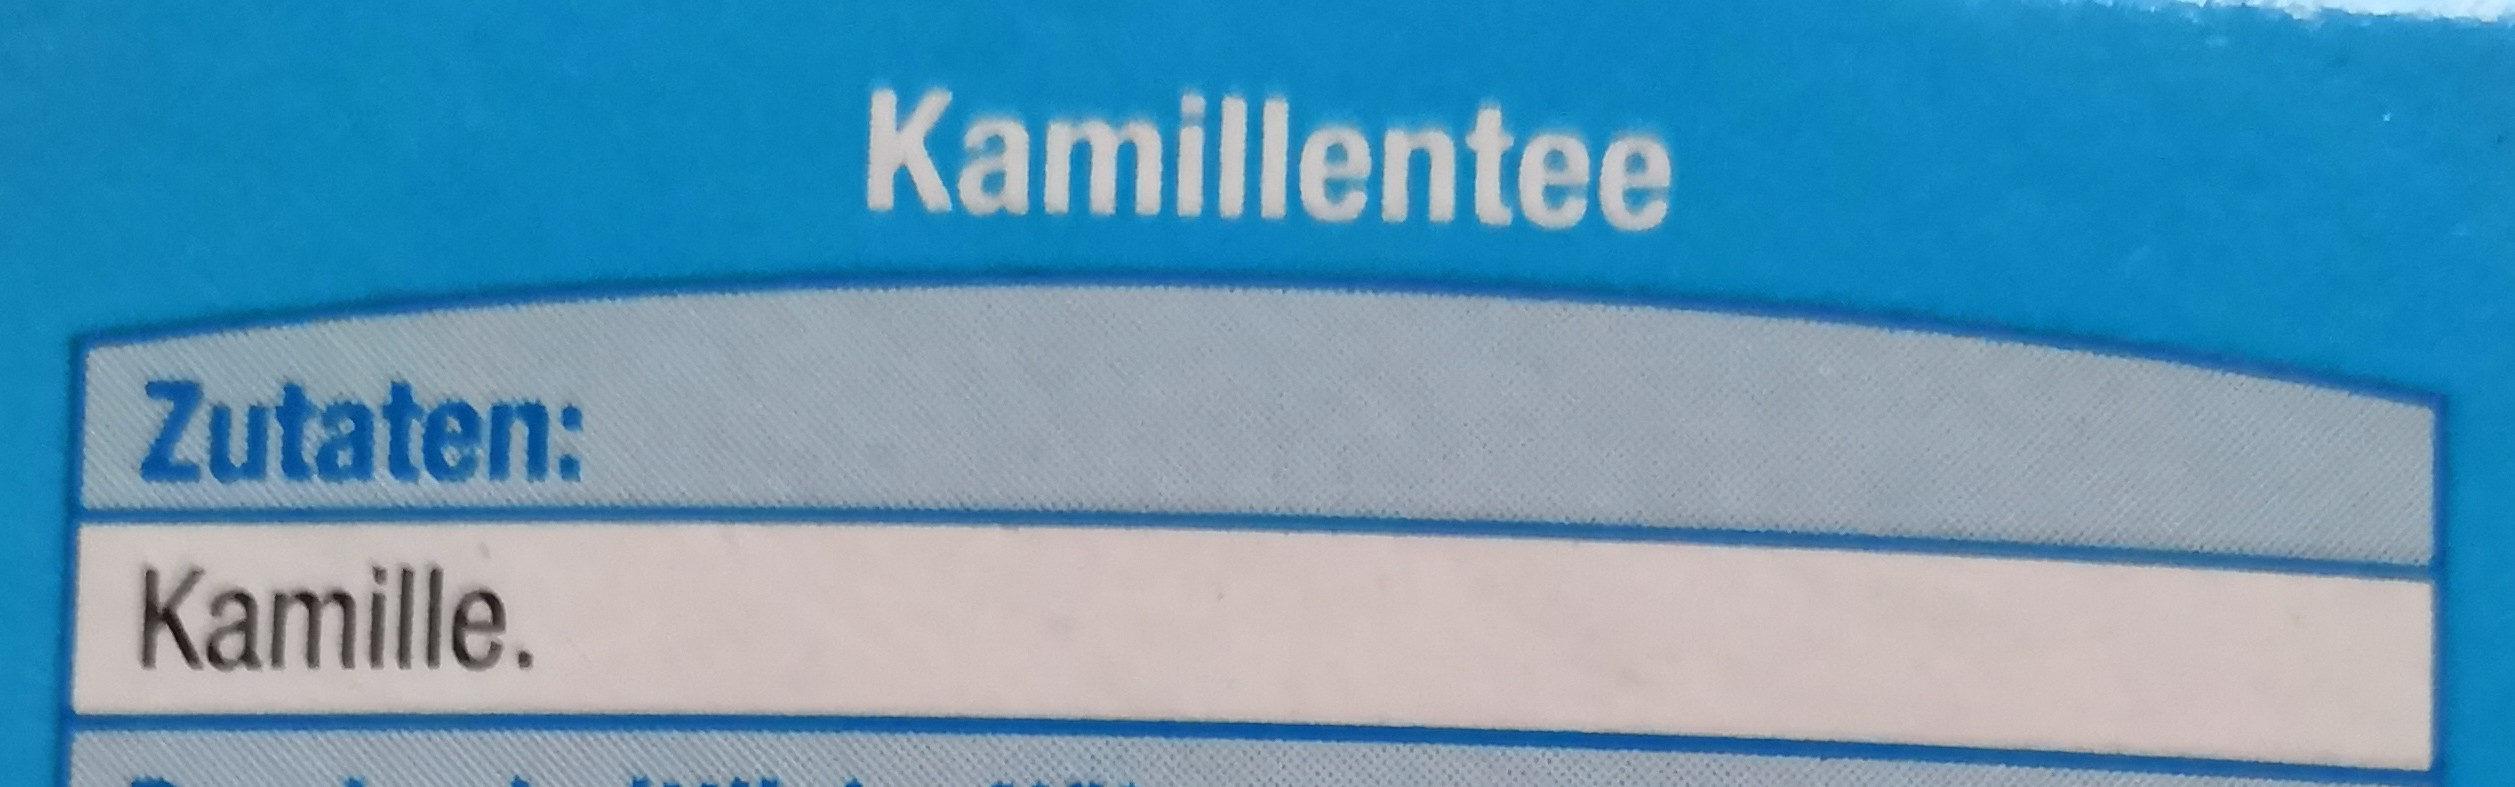 Kamillentee - Zutaten - en